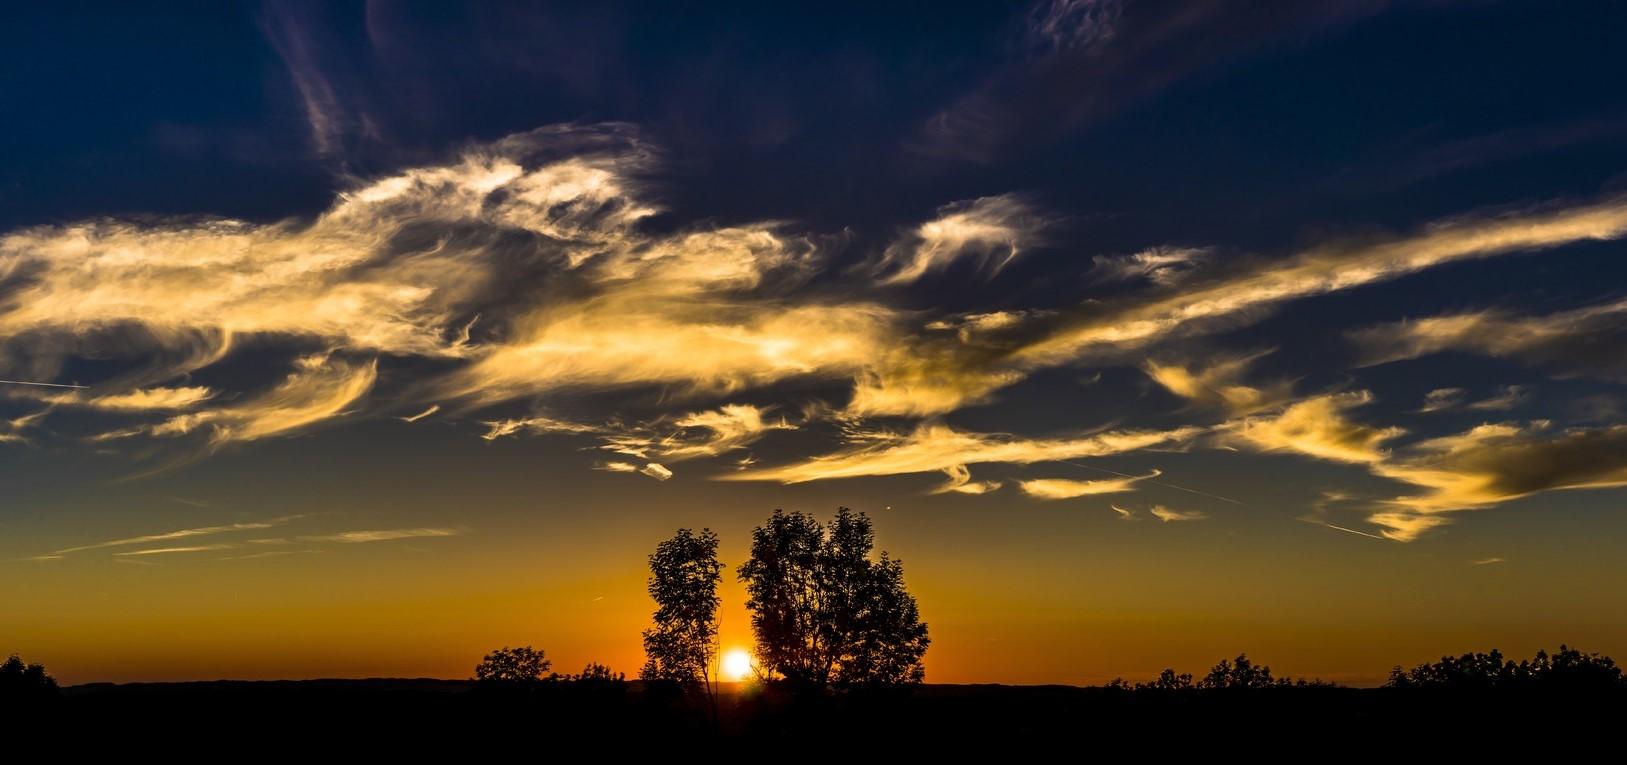 Фото Облака на небе и солнце на закате между деревьями